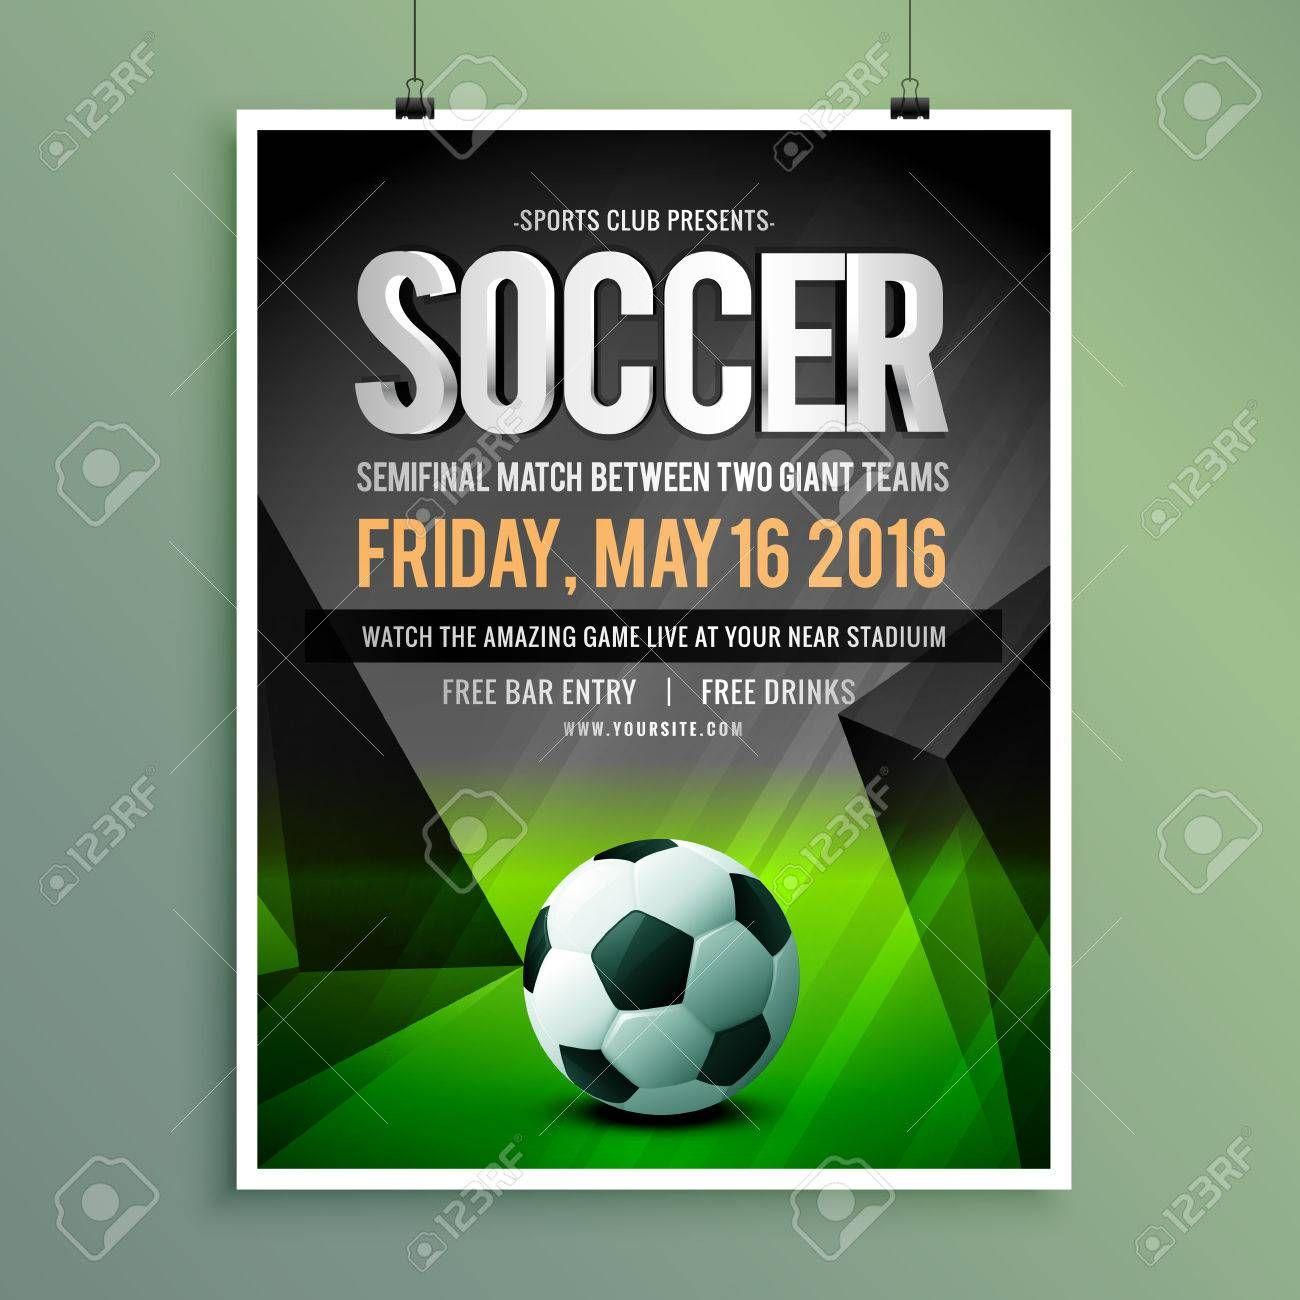 Soccer Game Flyer Template Design Illustration